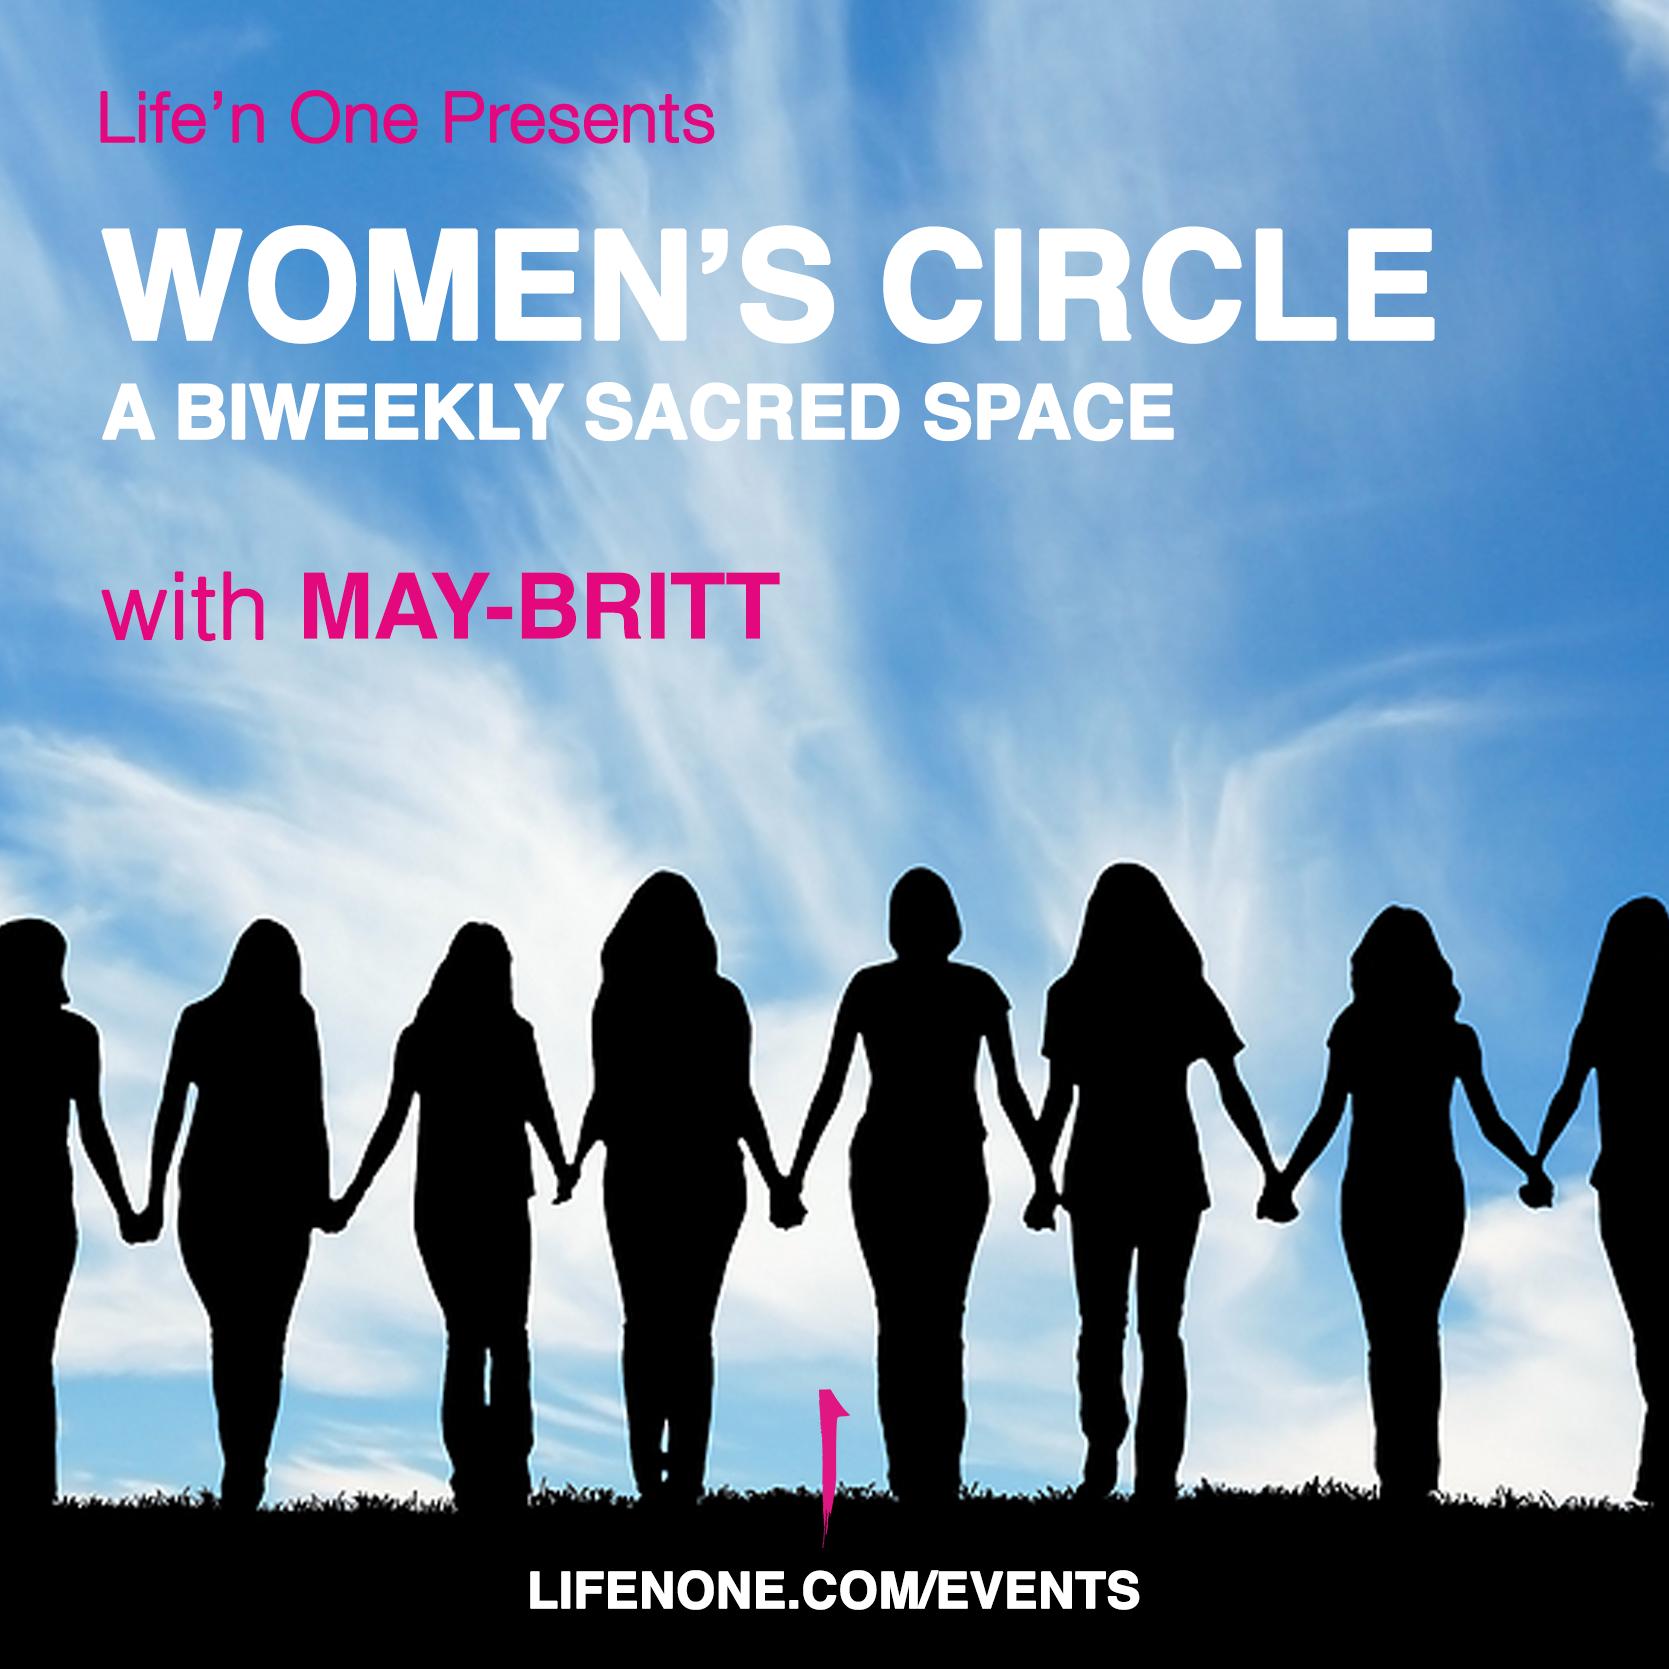 Women's Circle Life'n One